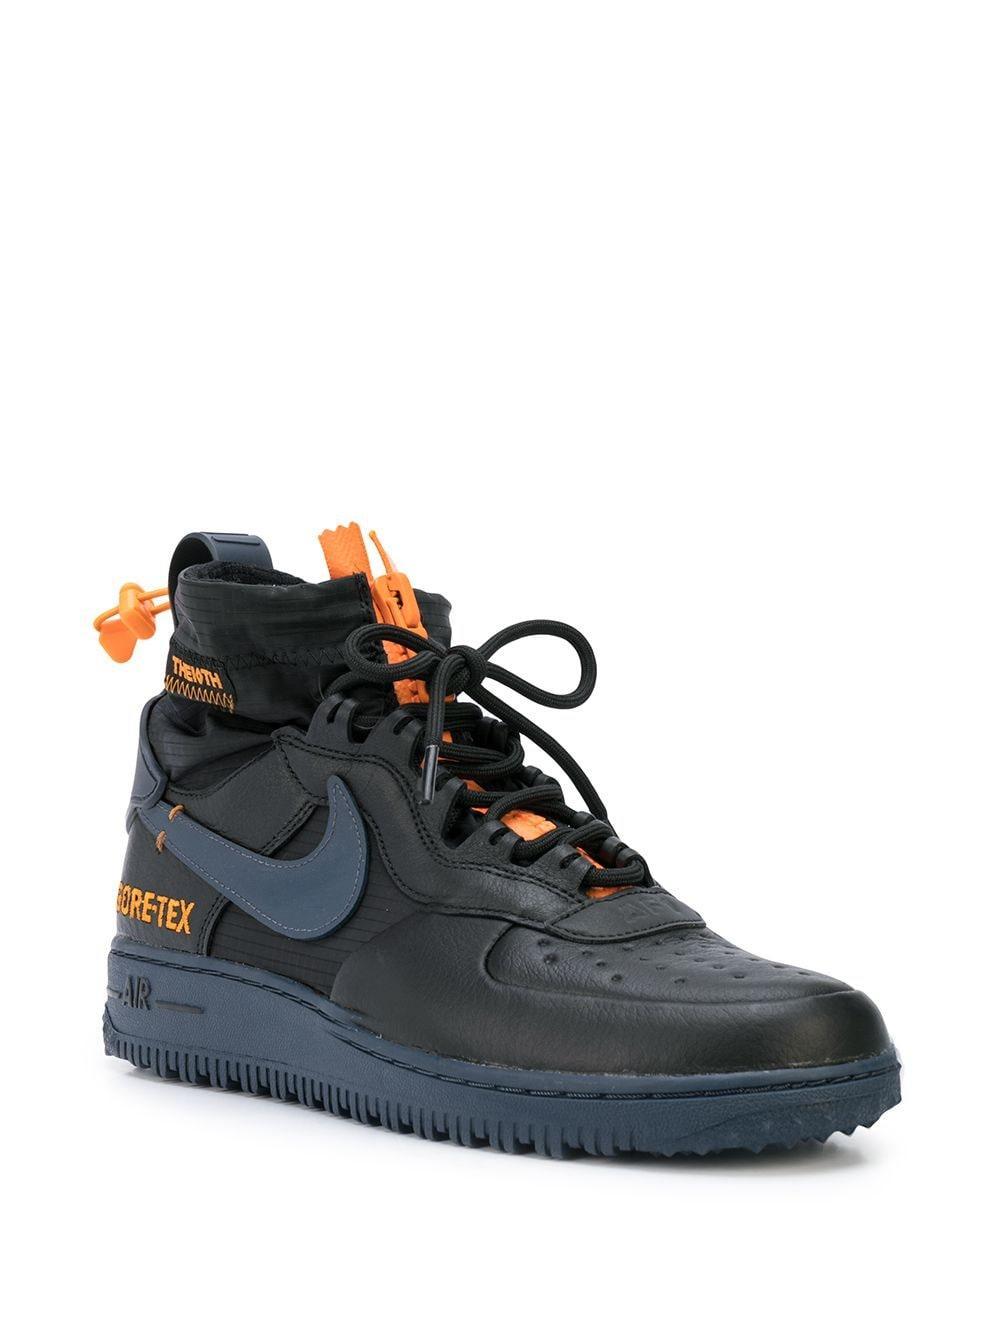 Zapatillas altas Air Force 1 GTX Nike de hombre